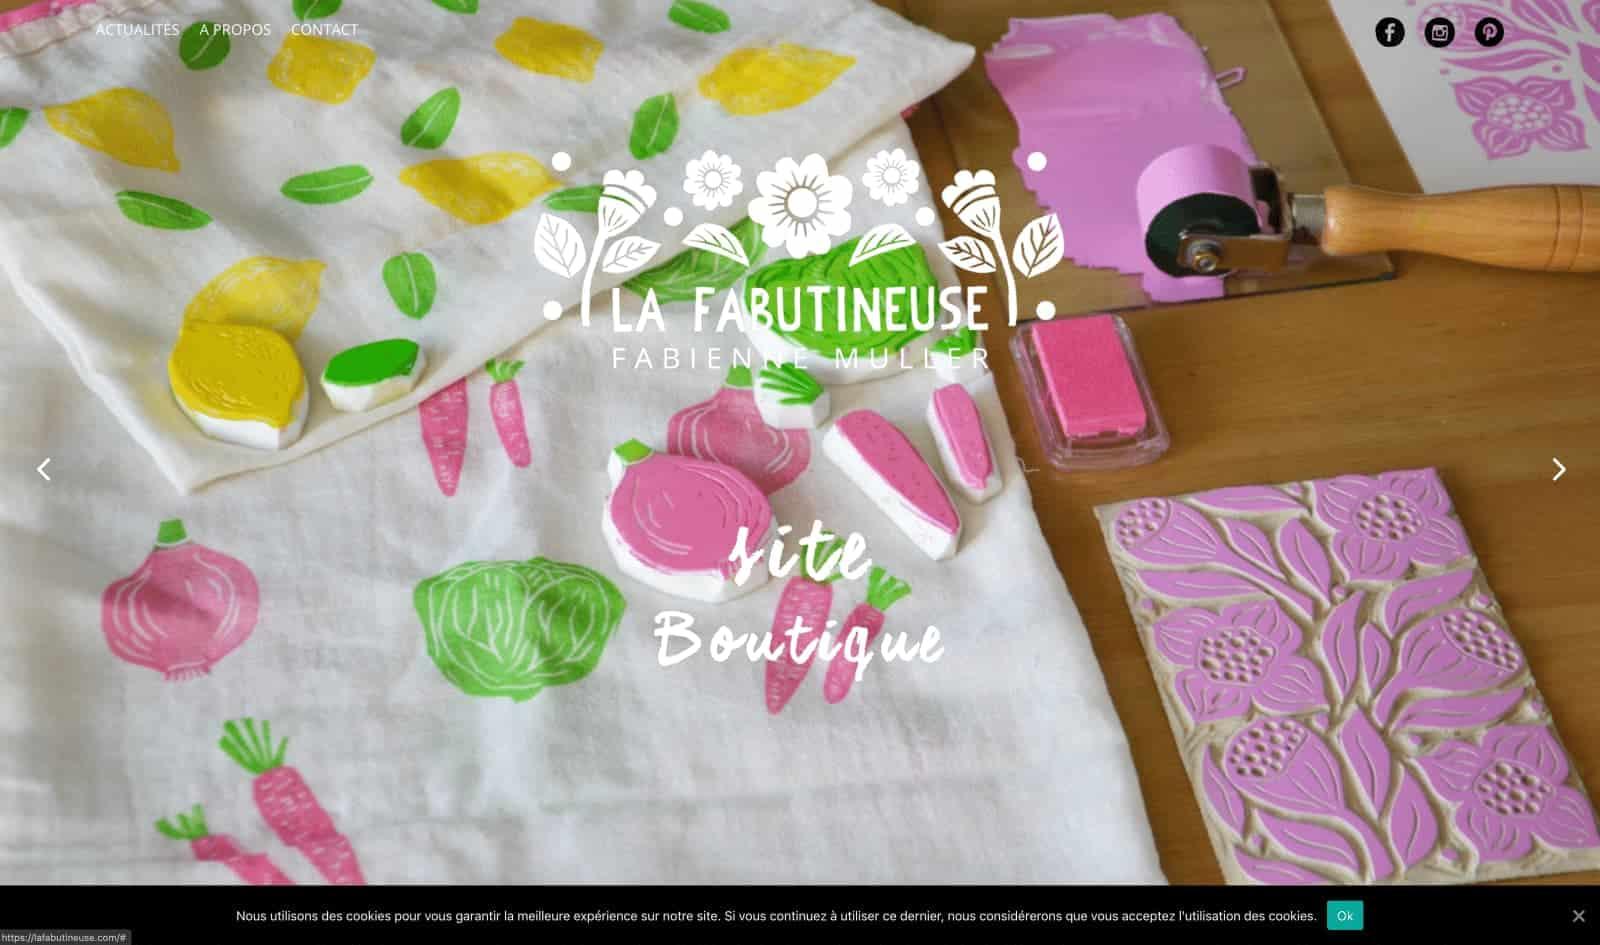 La Fabutineuse